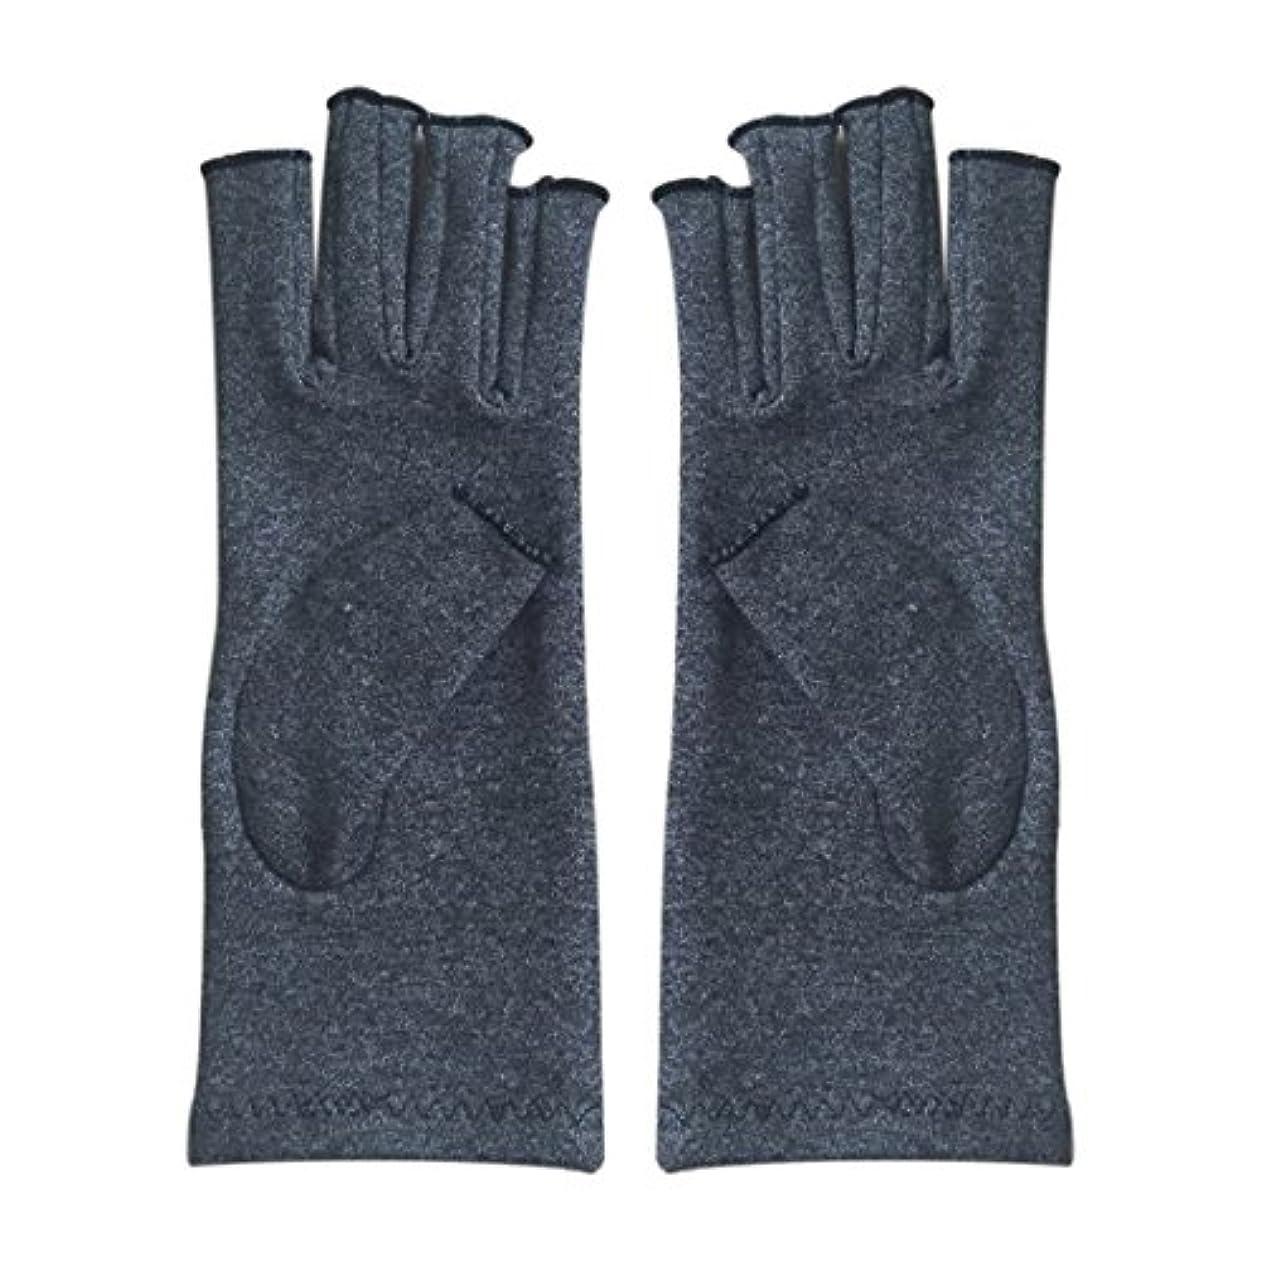 寺院浜辺トリムACAMPTAR 1ペア成人男性女性用弾性コットンコンプレッション手袋手関節炎関節痛鎮痛軽減M - 灰色、M